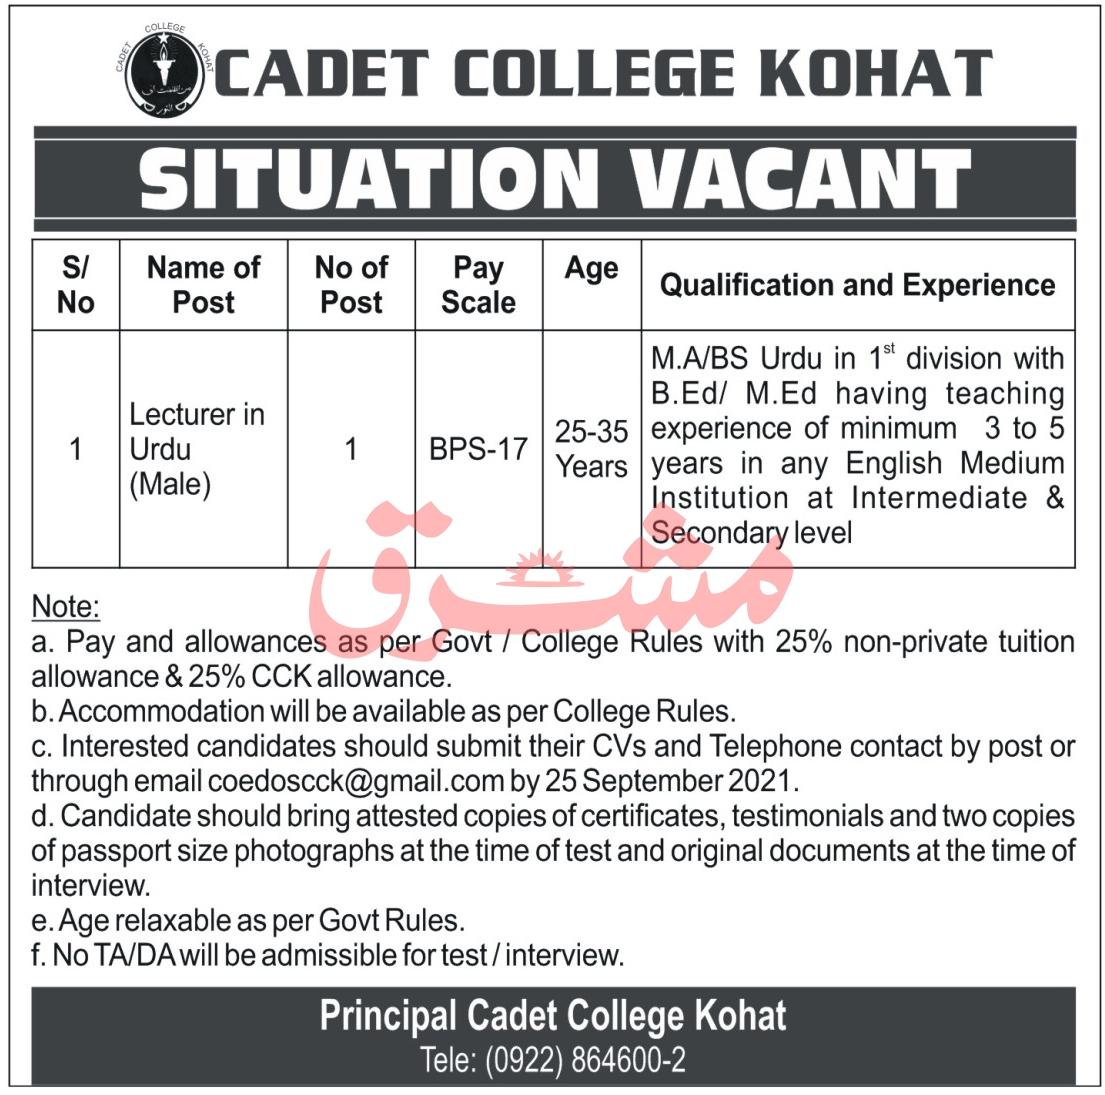 Pak Army Cadet College Kohat Job 2021 For Urdu Lecturer